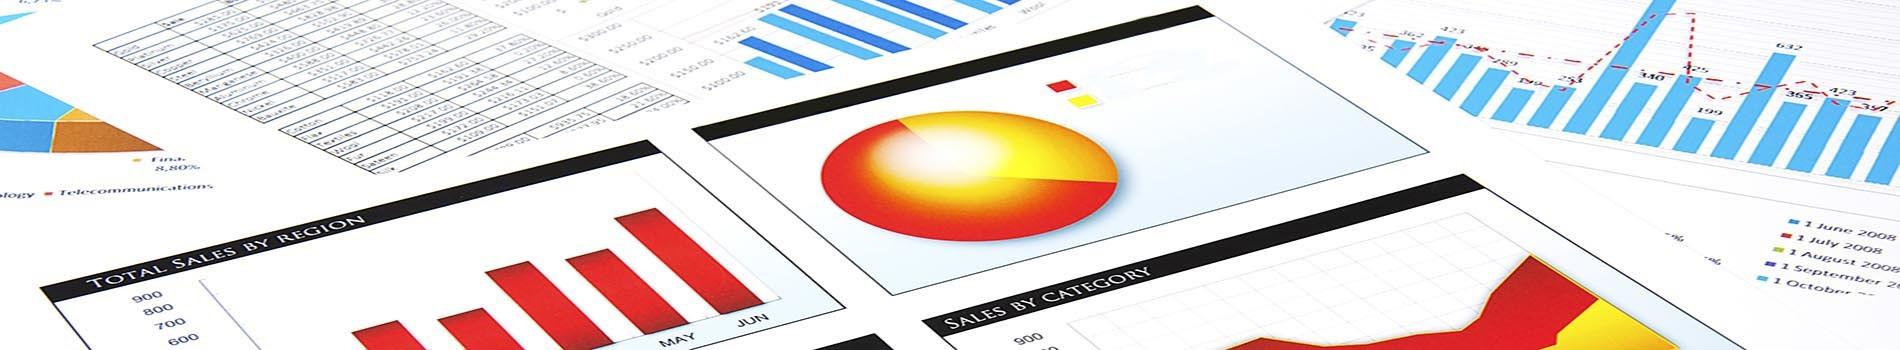 Mercato Immobiliare: Report, Dati e Valori